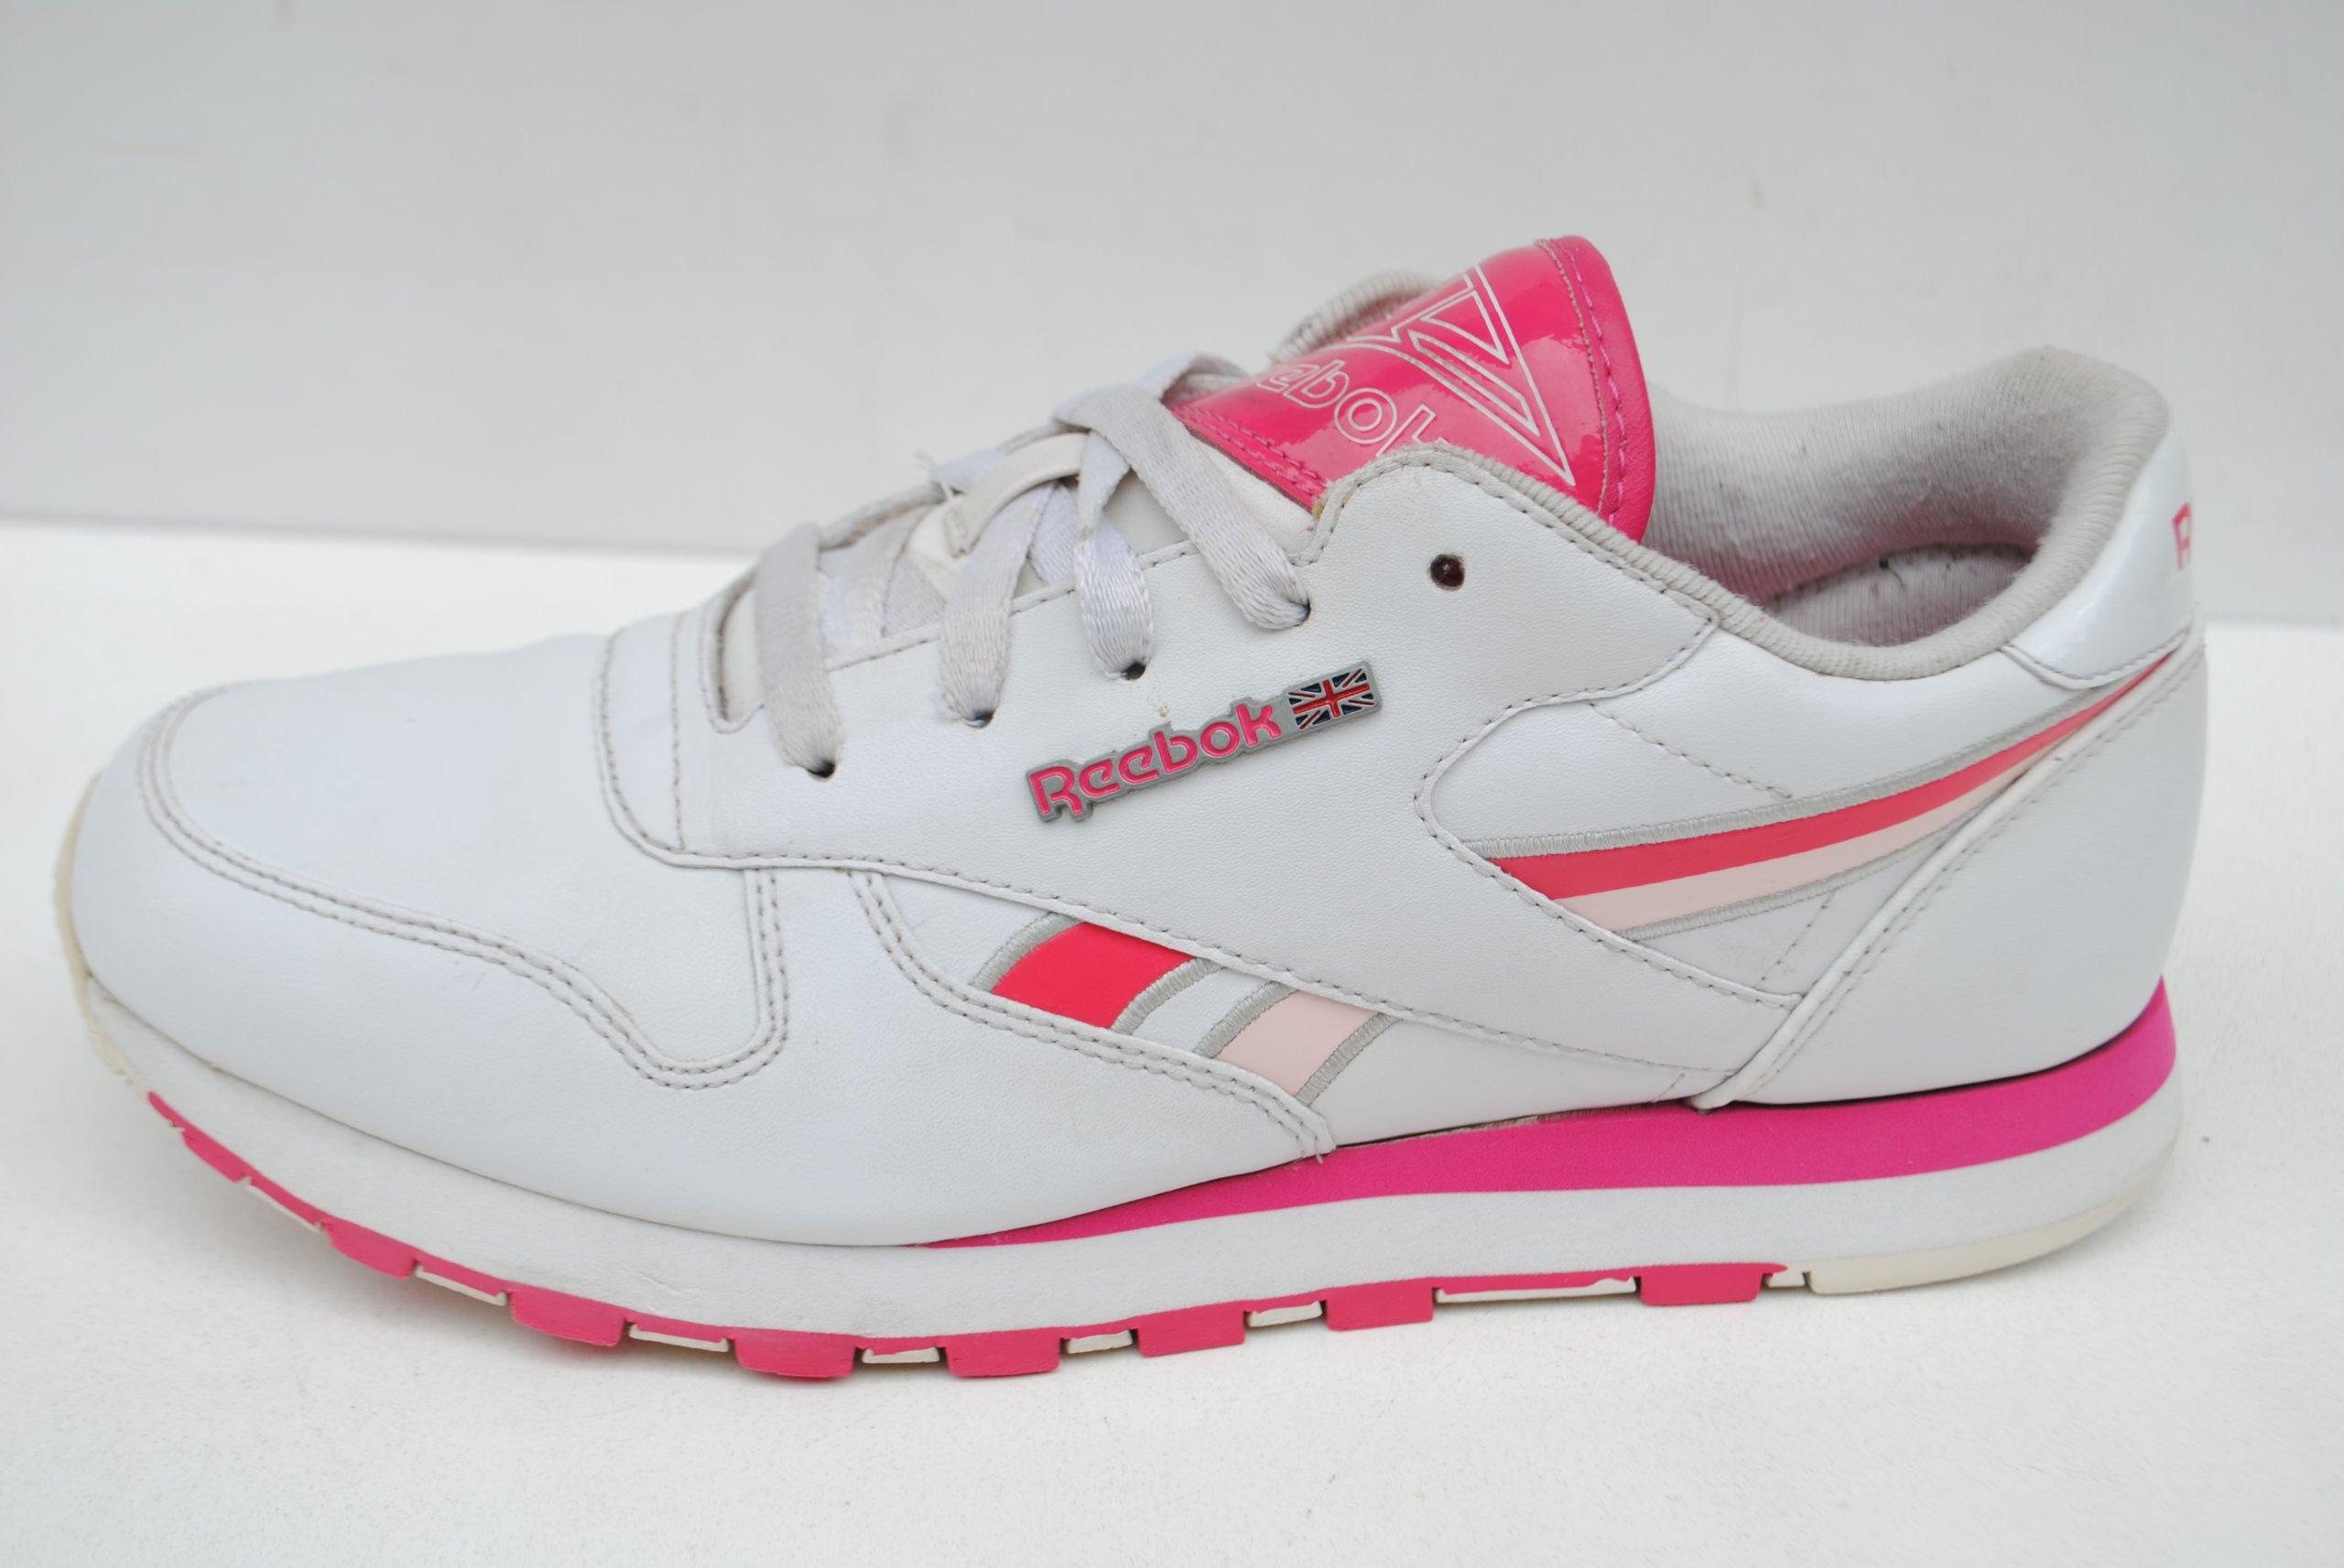 Rebbok buty sportowe 40 skóra damskie Galeria zdjęć i